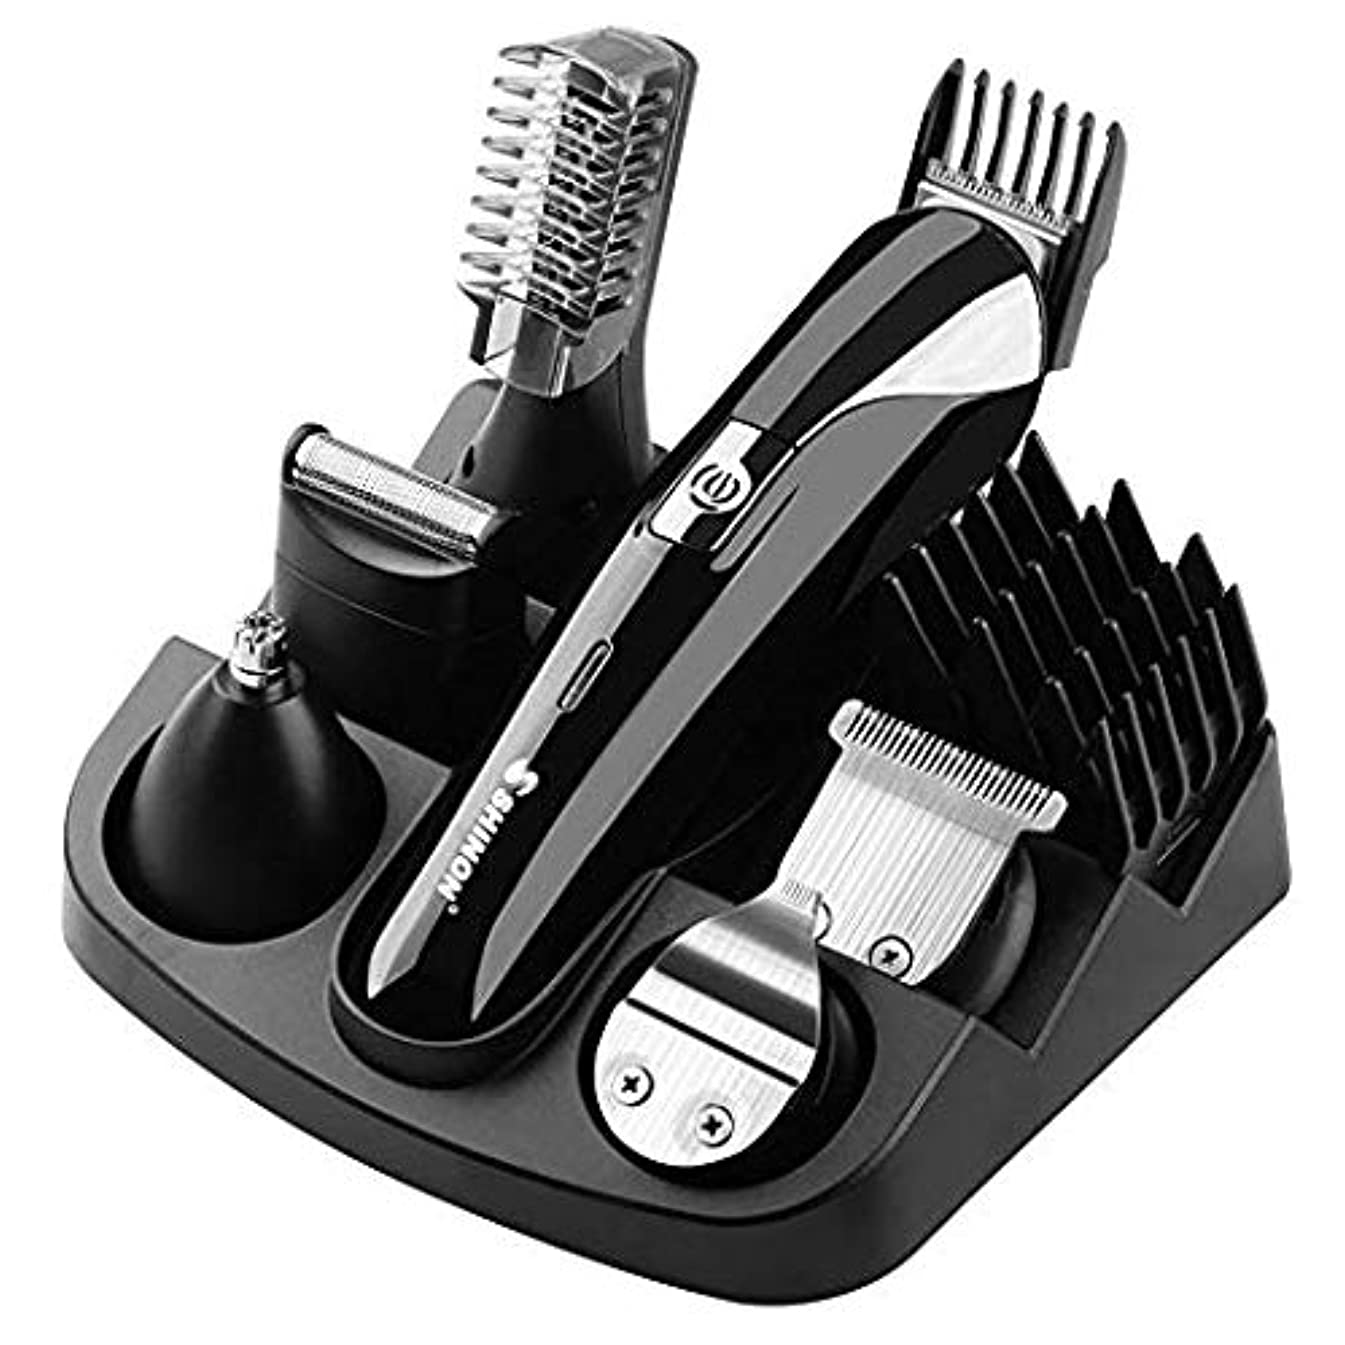 うまくいけばロッドスチュワーデスバリカン 電動バリカン コードレス 一台六役 Alture 3mm-12mm ボウズカッター 充電式 防水 自宅で散髪 高性能 セット 散髪代節約に!家庭用 子供 セルフカット